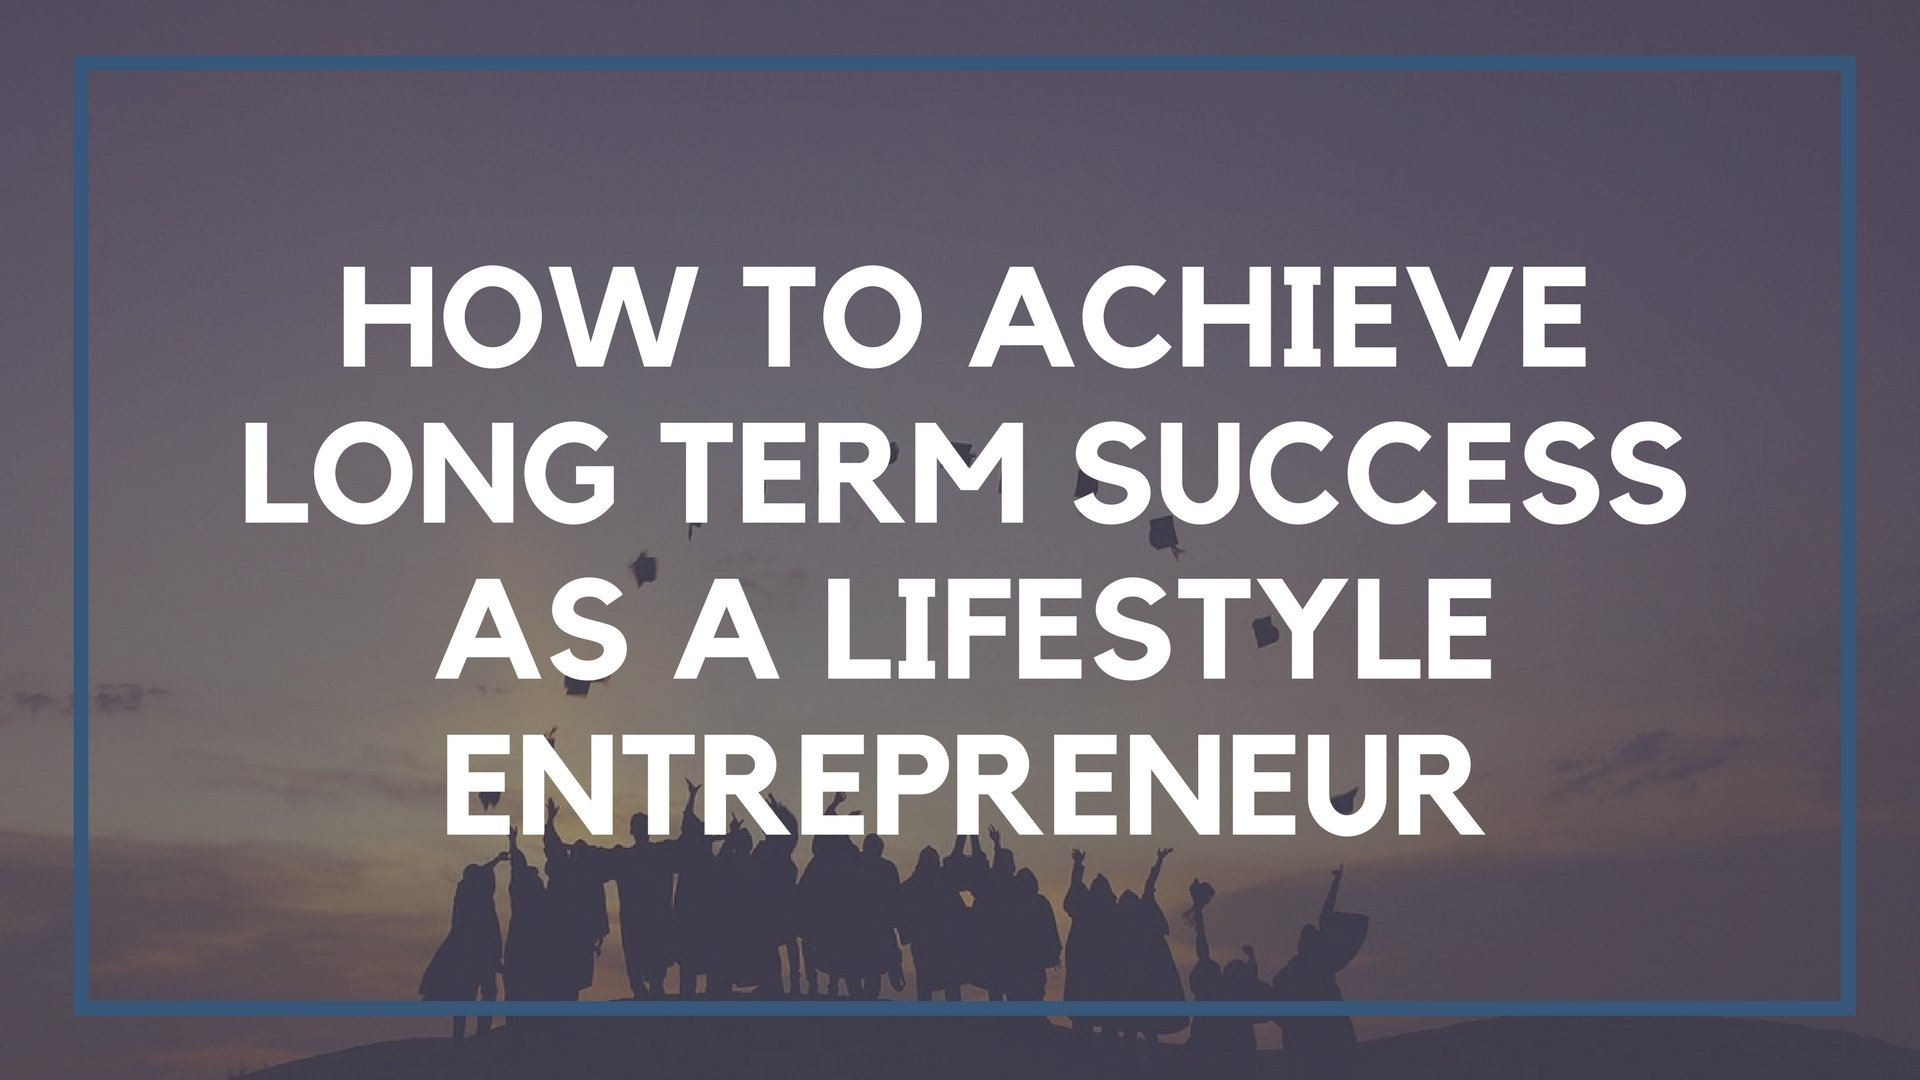 How to Achieve Long Term Success as a Lifestyle Entrepreneur